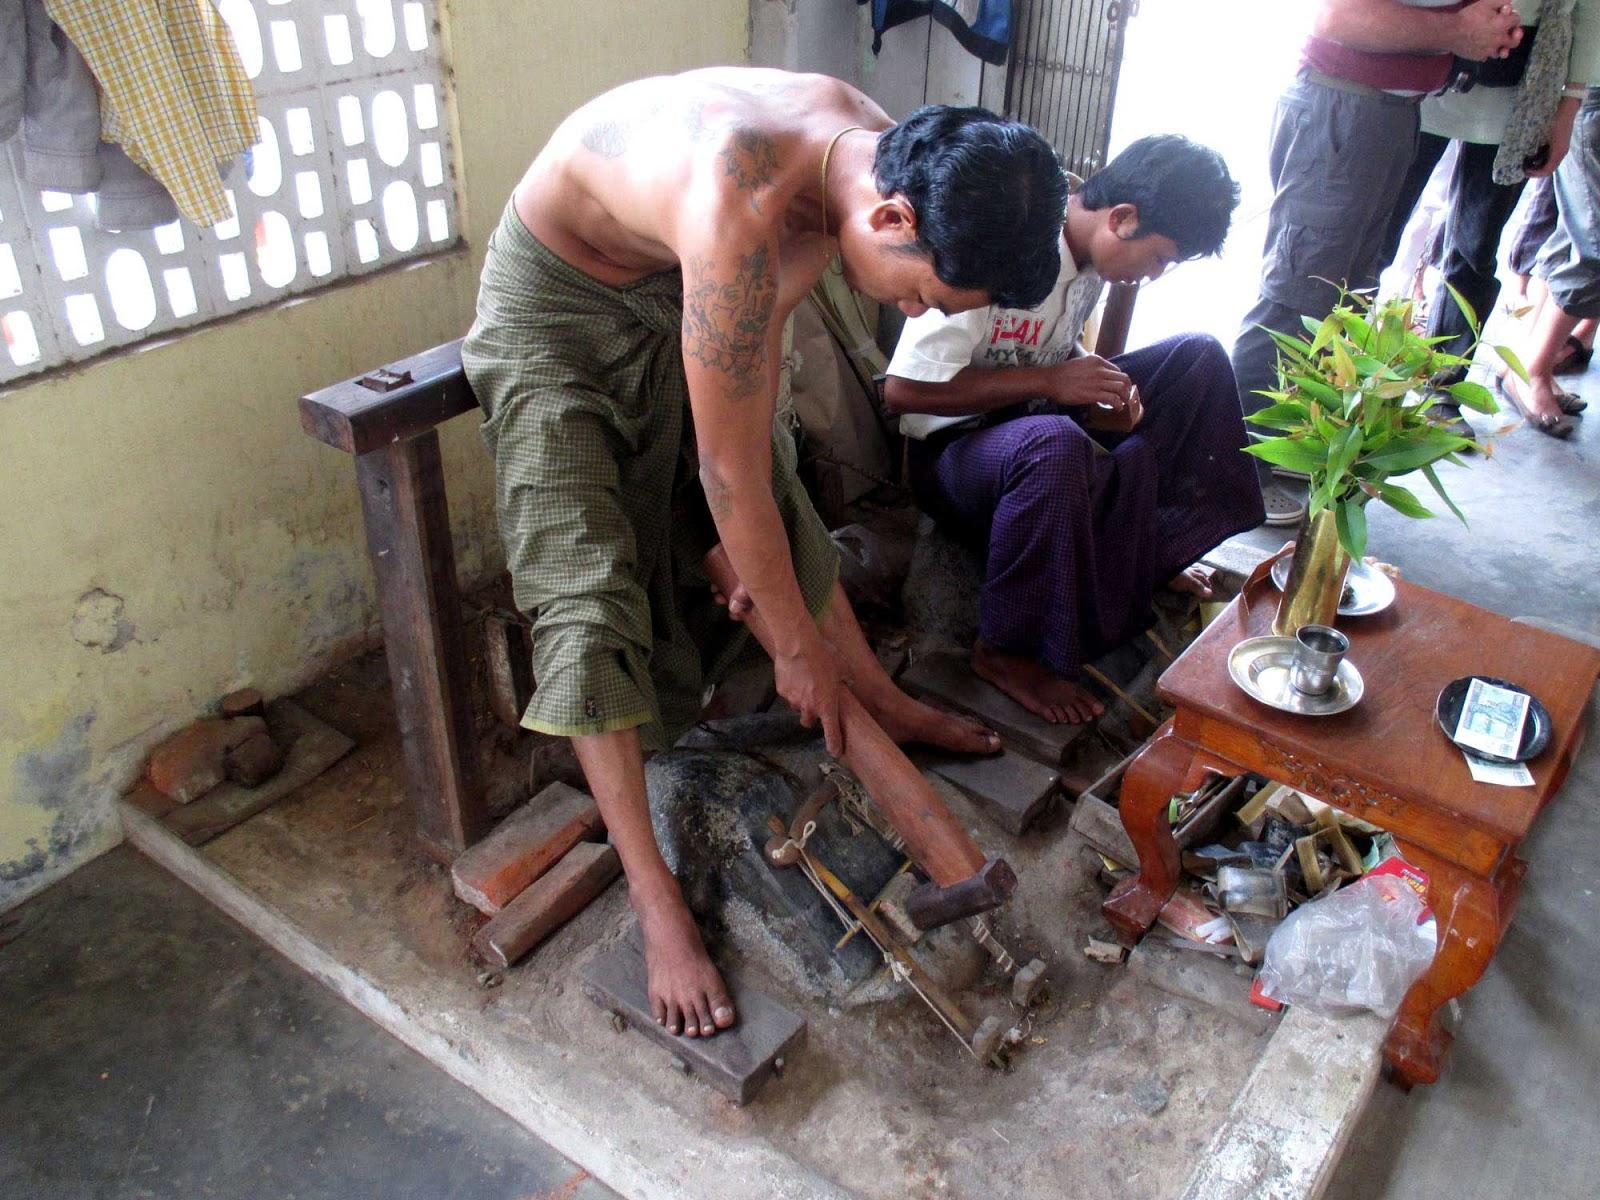 3 ouvriers se tapent la salope de proprio - 2 5